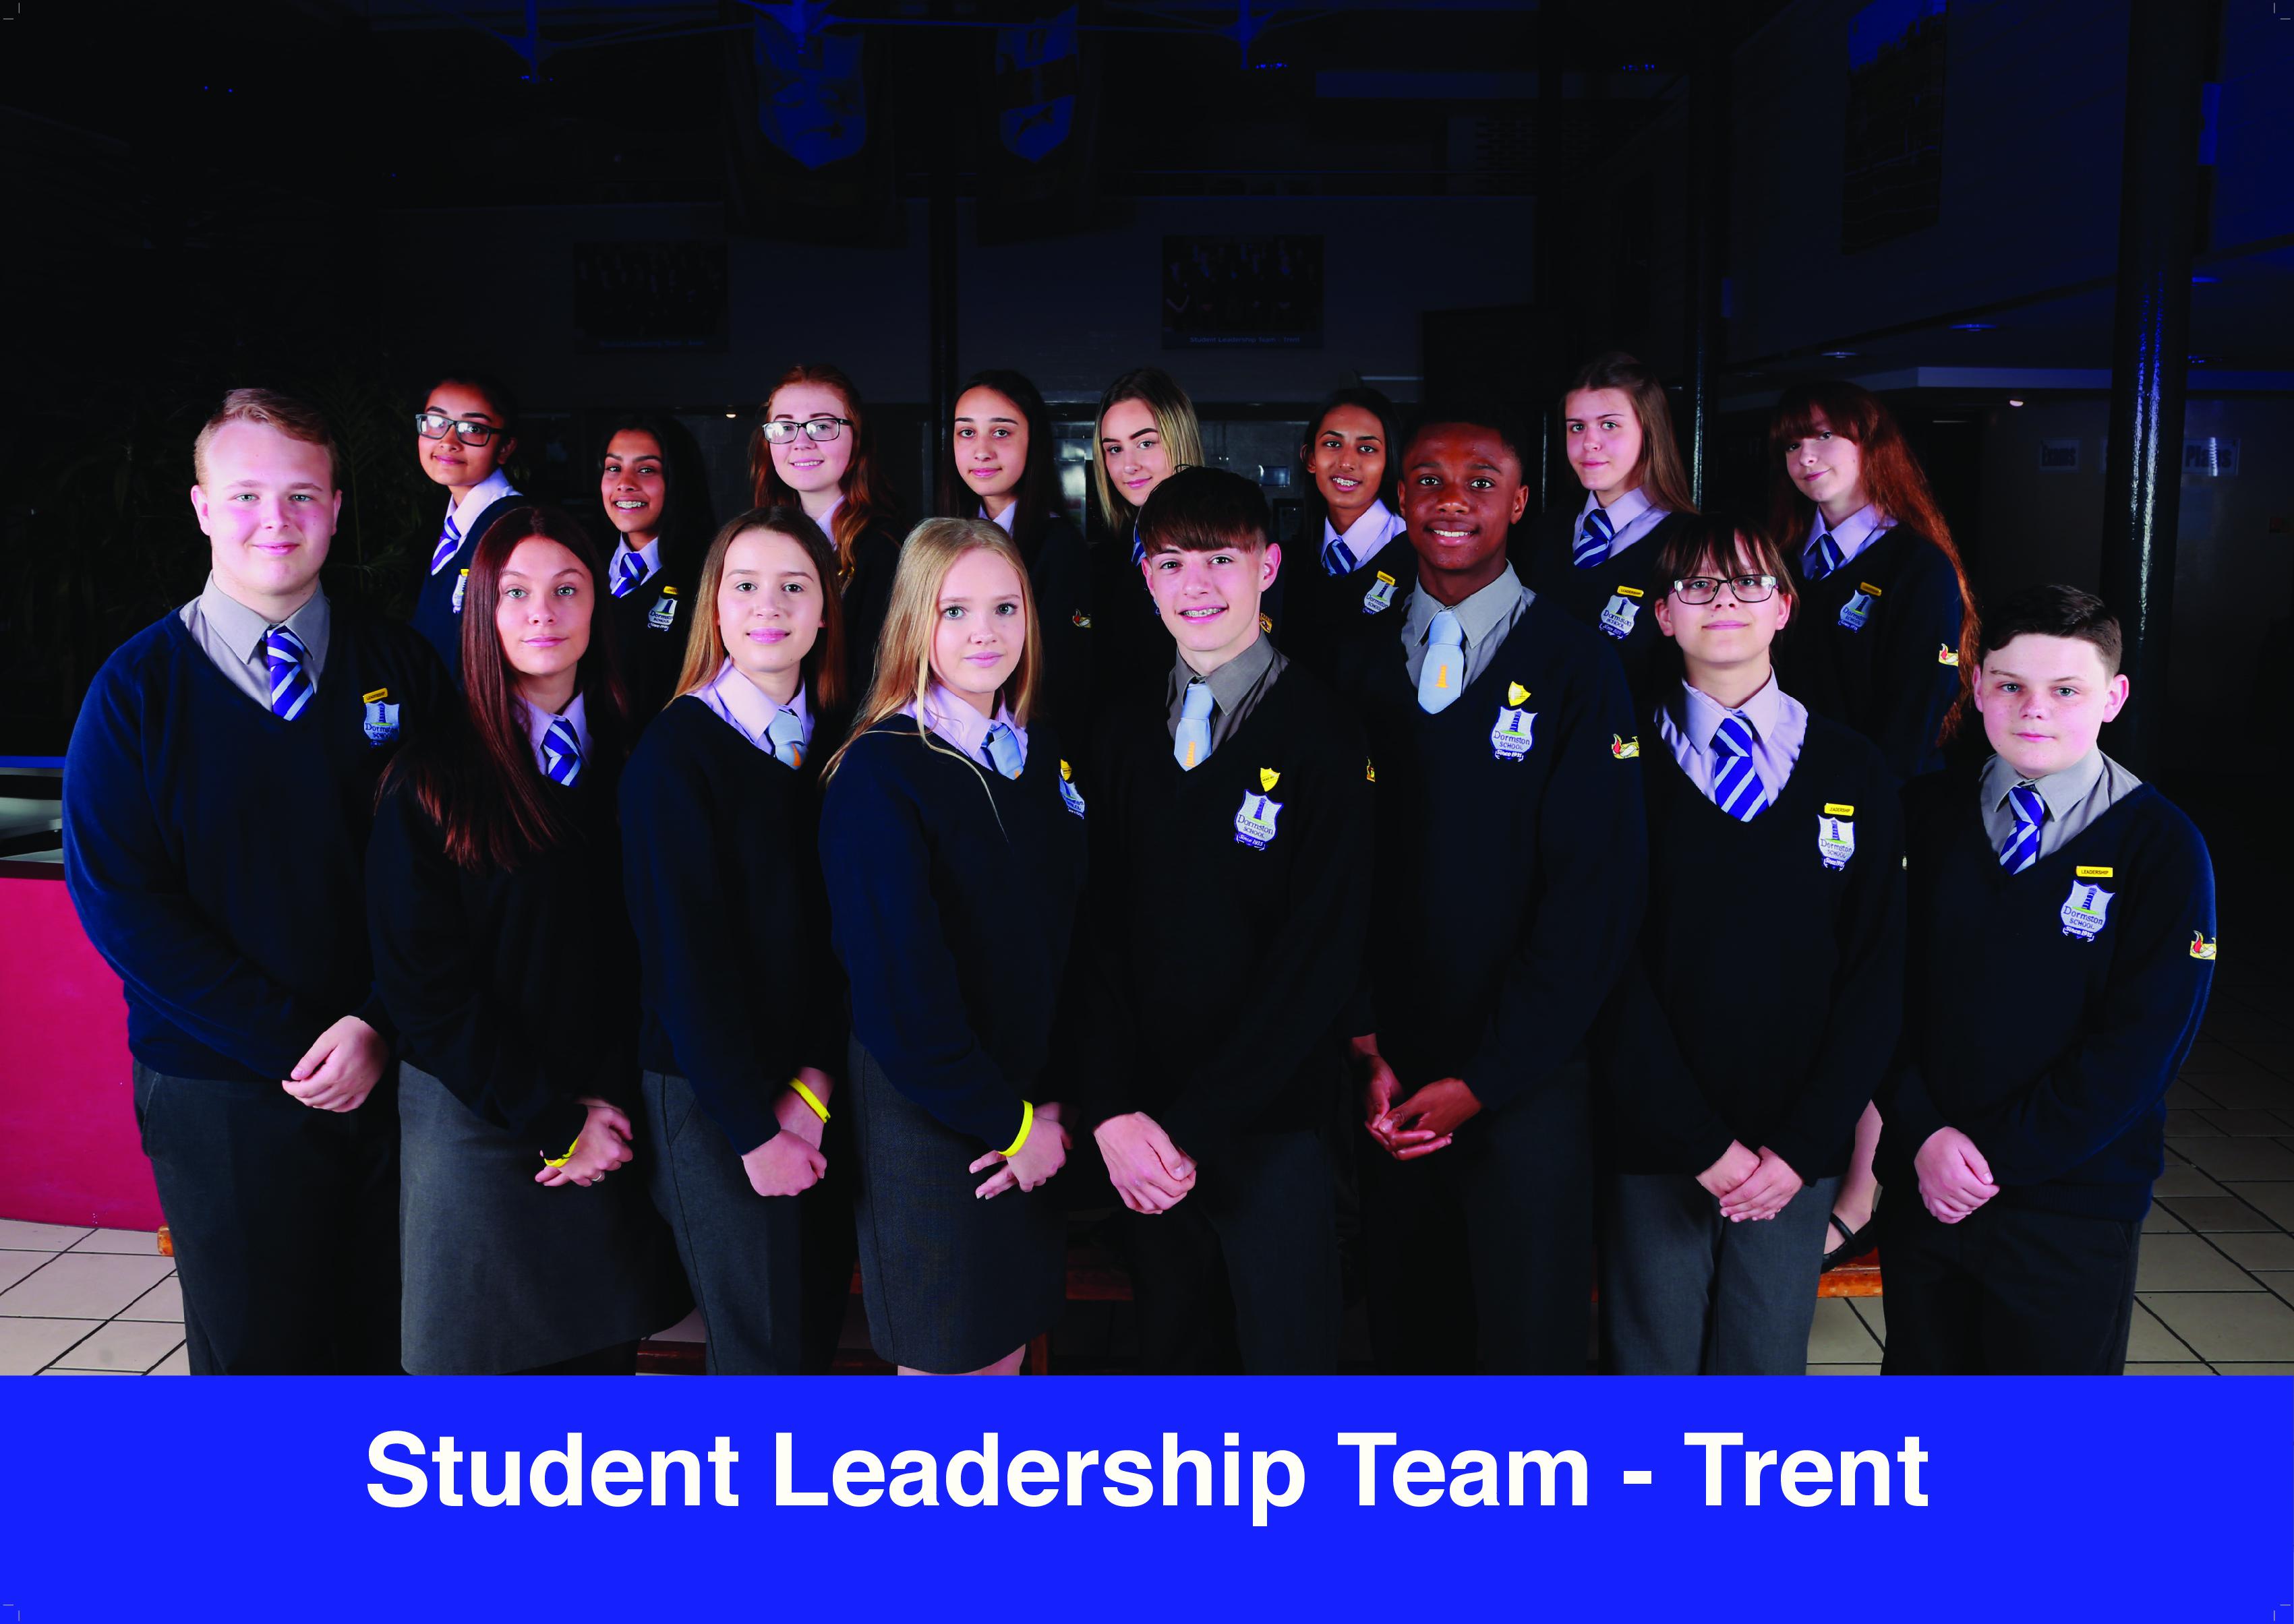 Leadershipteam trent